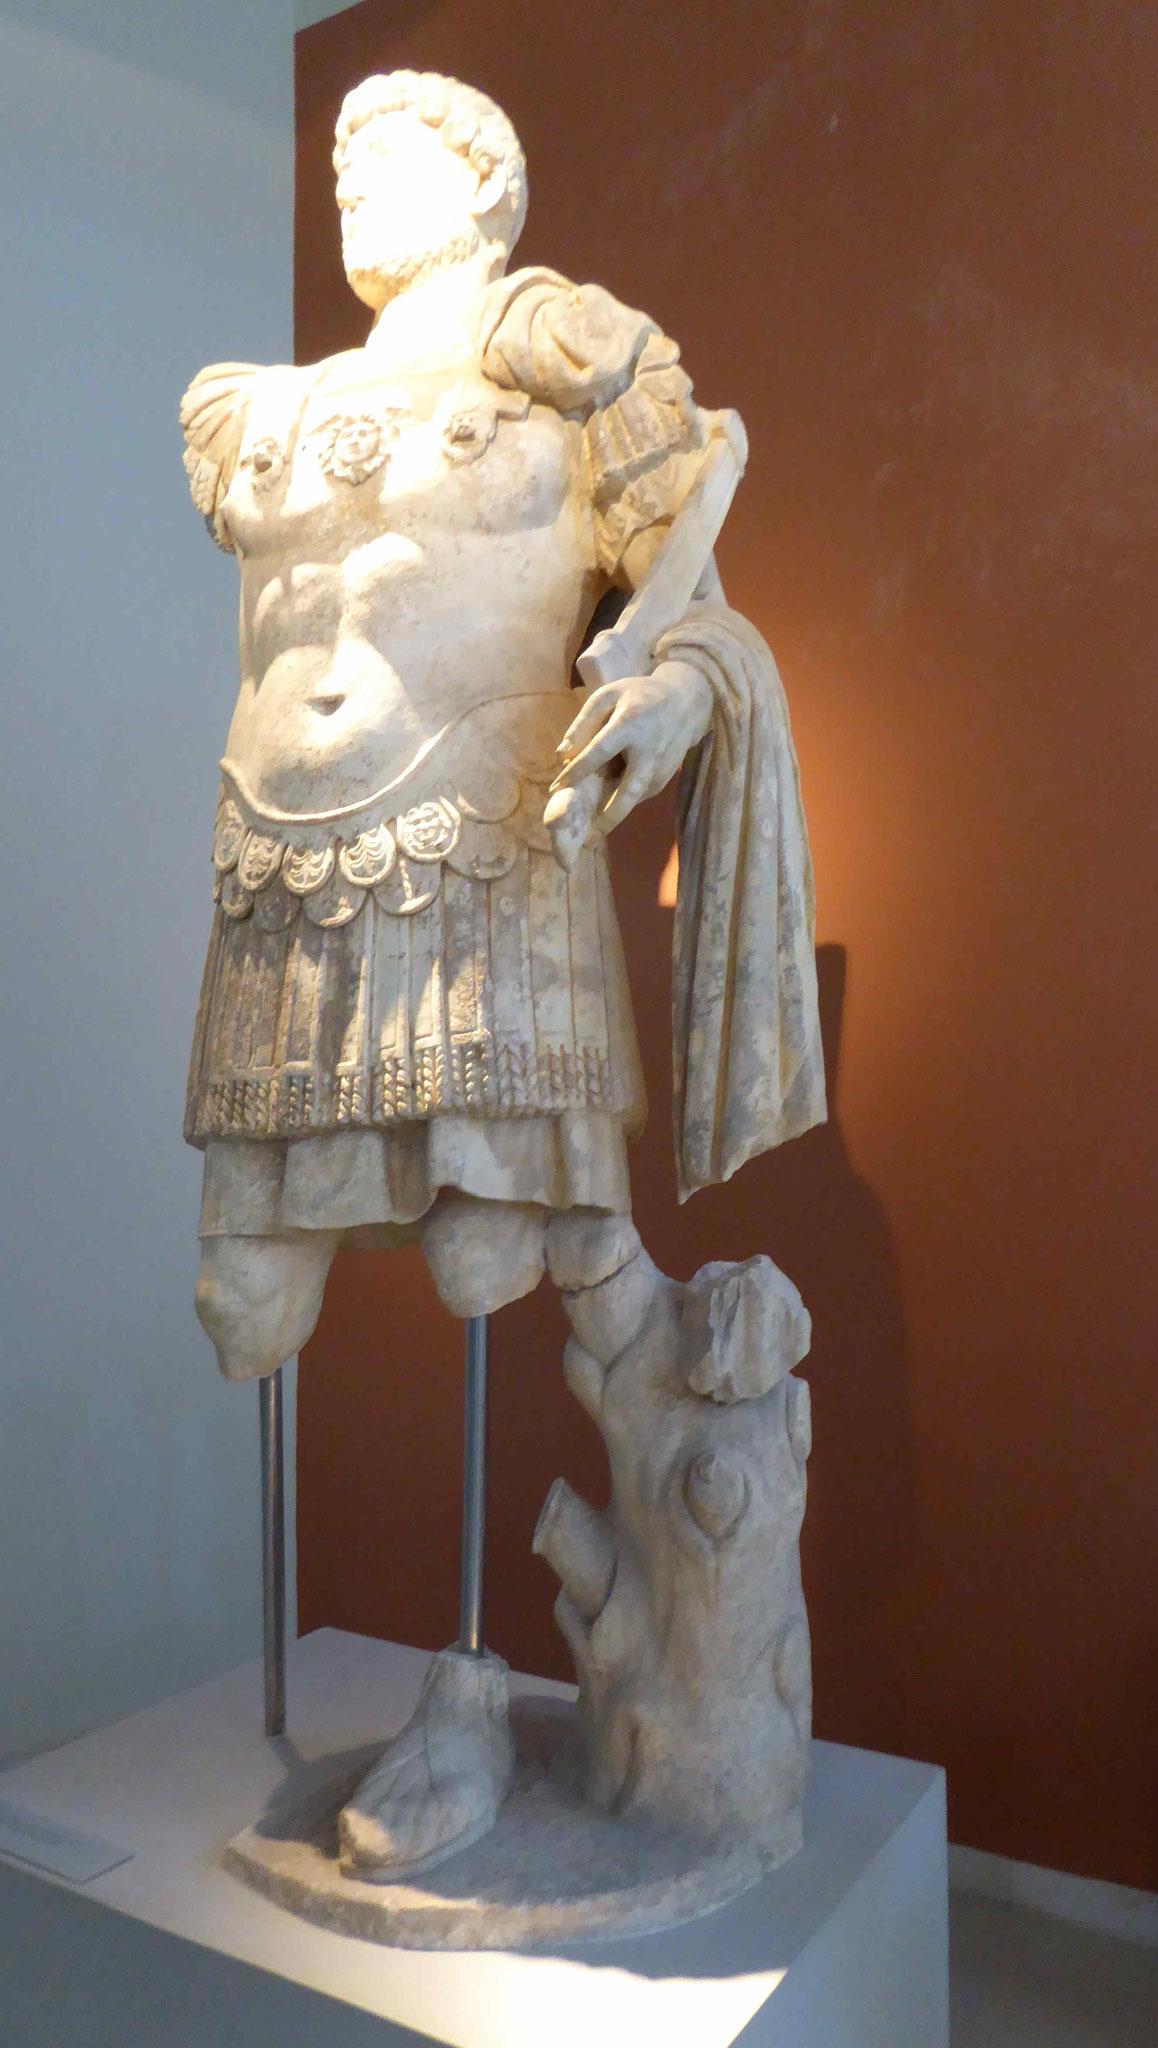 Römischer Kaiser, Archäolgisches Museum, Thassos, Griechenland